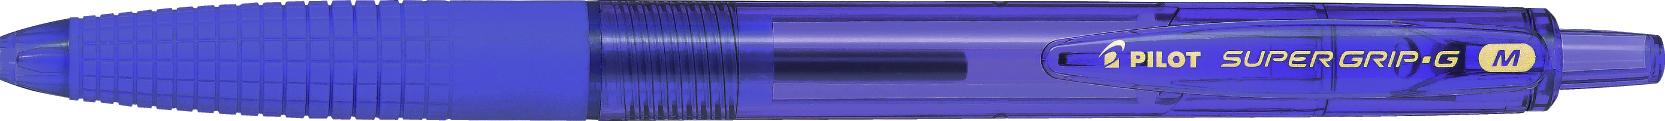 SuperGrip-G, kuličkové pero, RT, 1.0, fialová